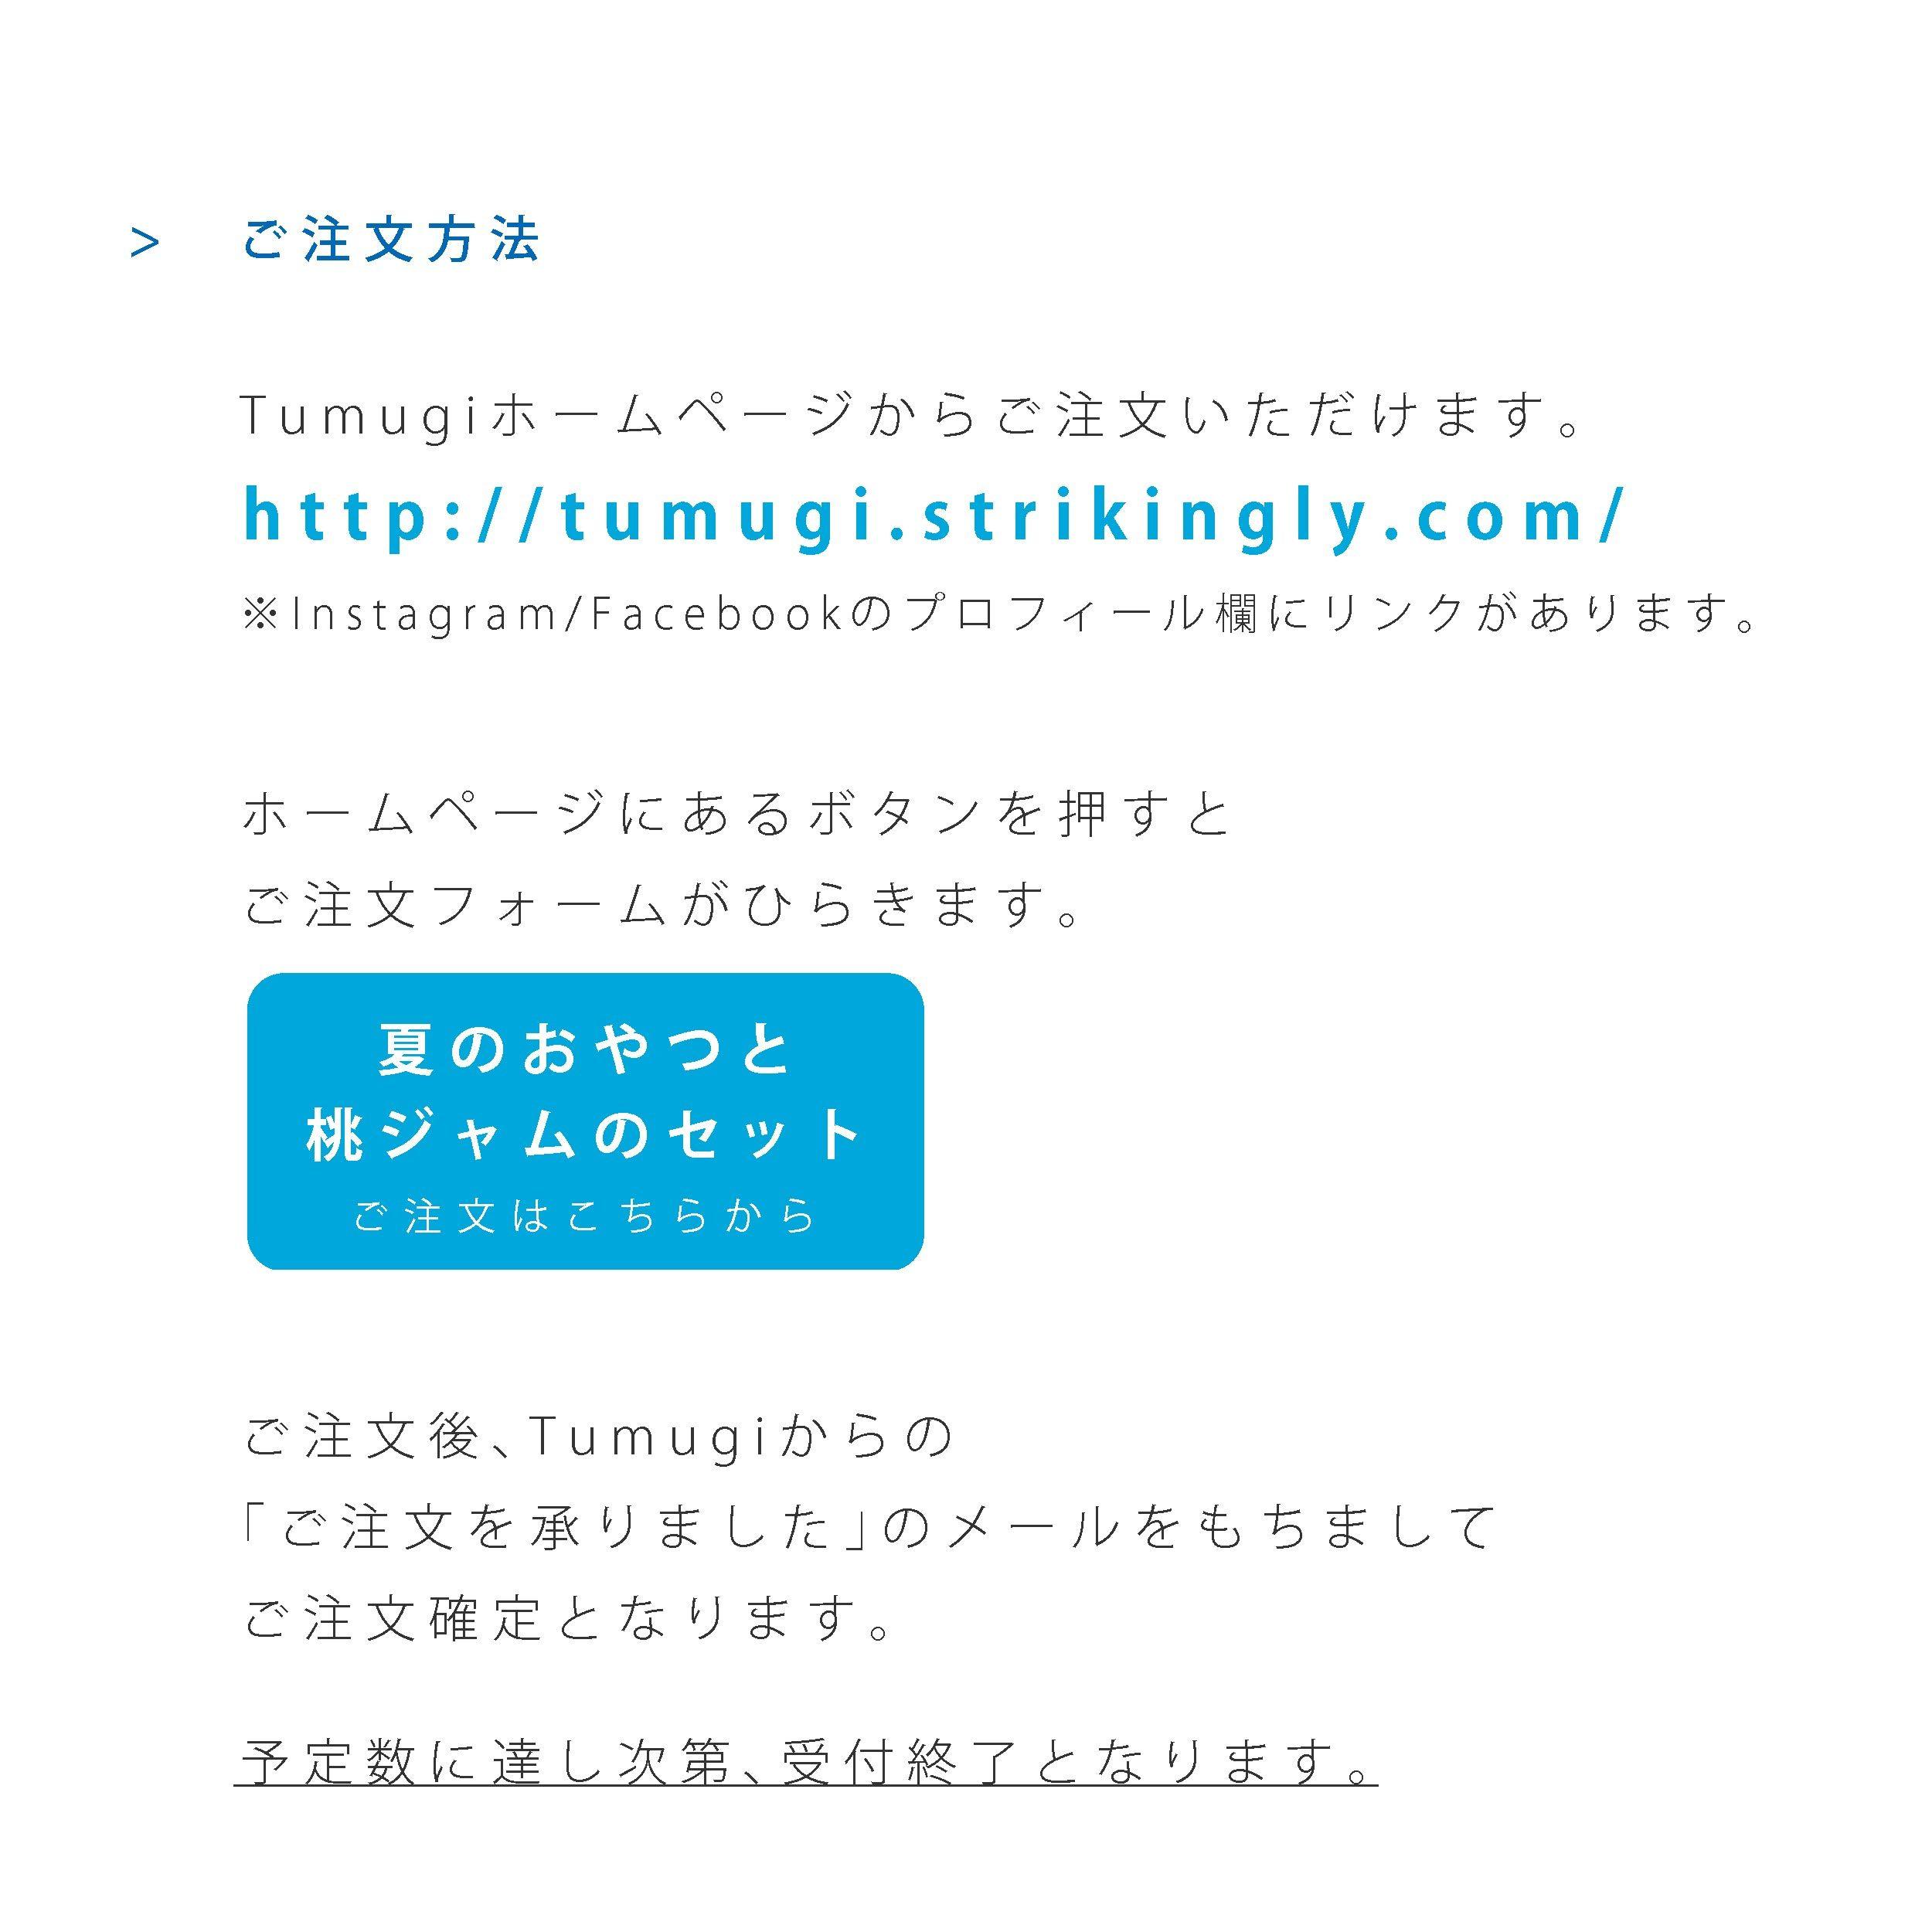 夏のおやつと桃ジャムのセット予約販売!_e0375286_19193101.jpg